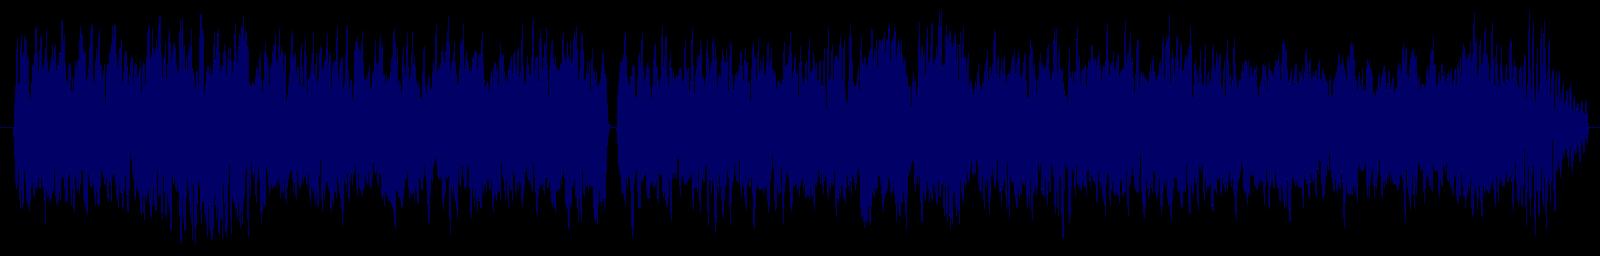 waveform of track #152023